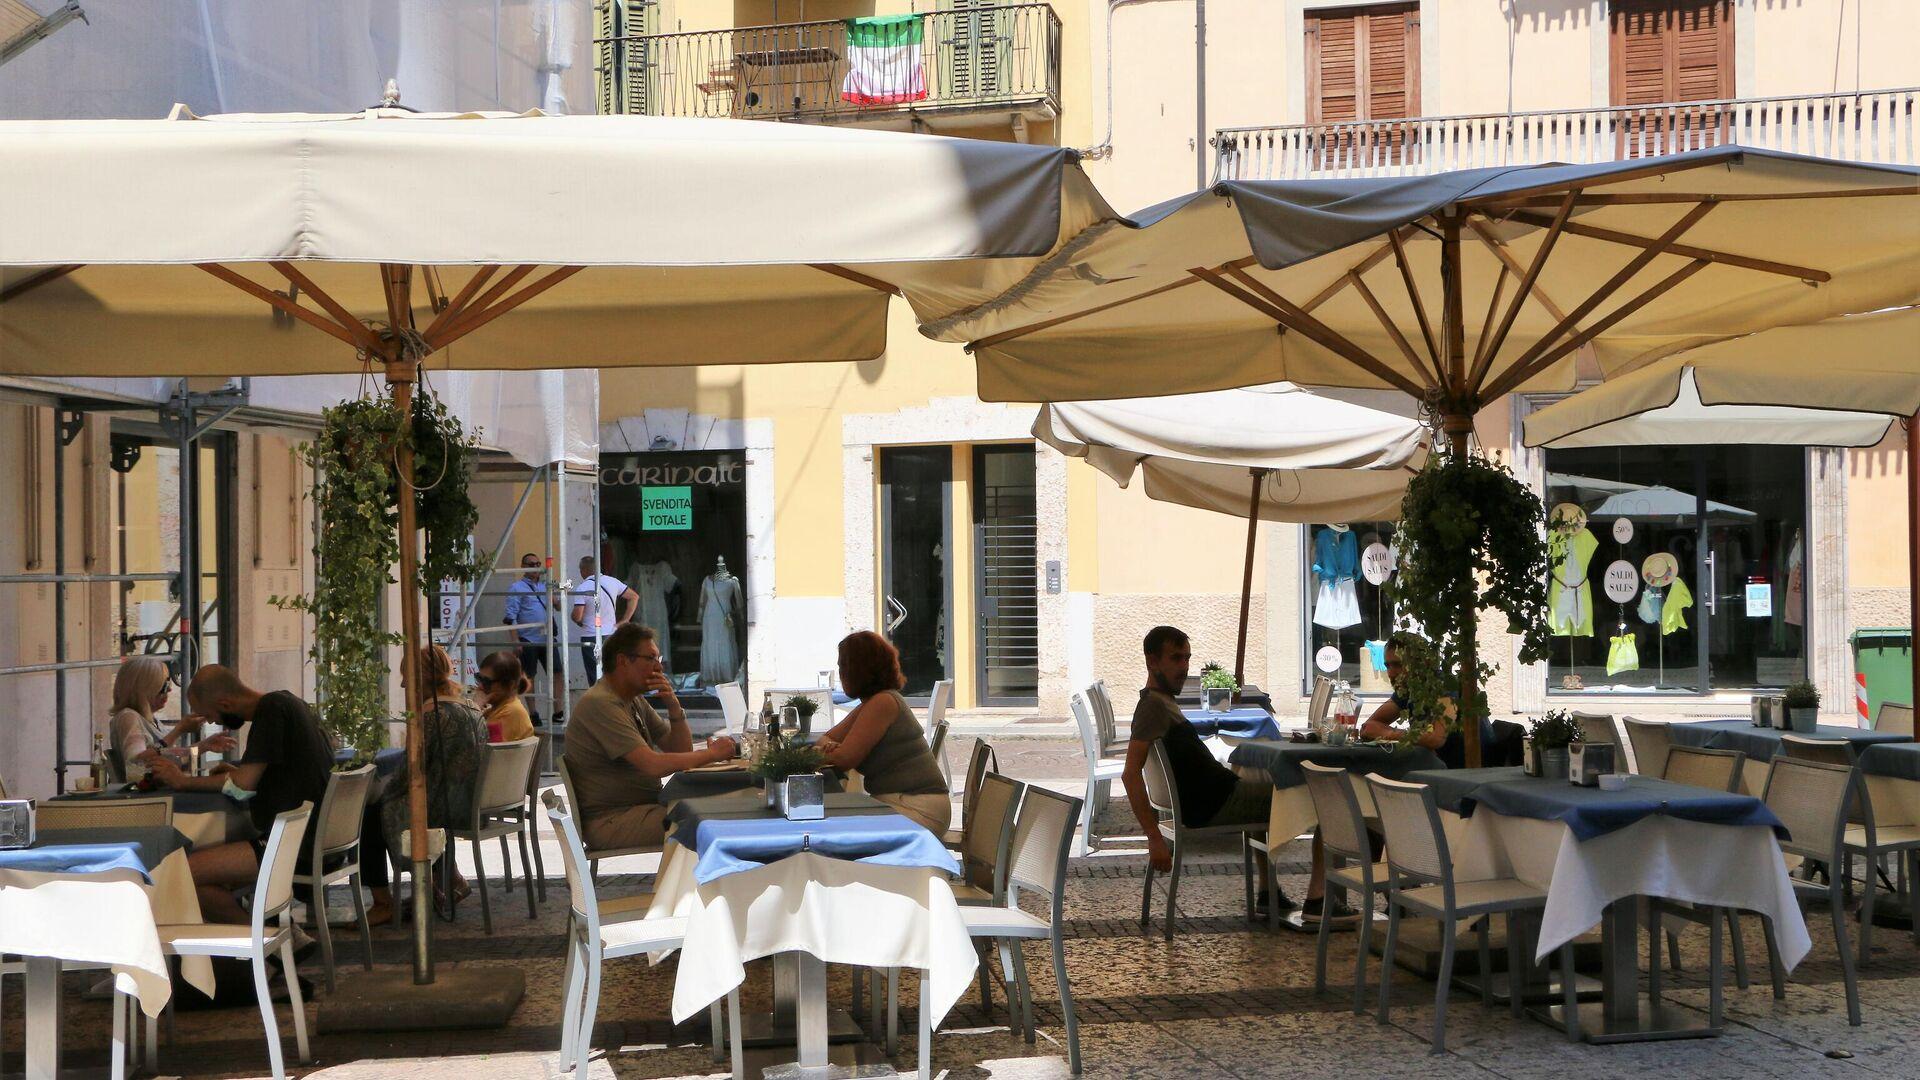 La gente mangia in un ristorante - Sputnik Italia, 1920, 19.07.2021